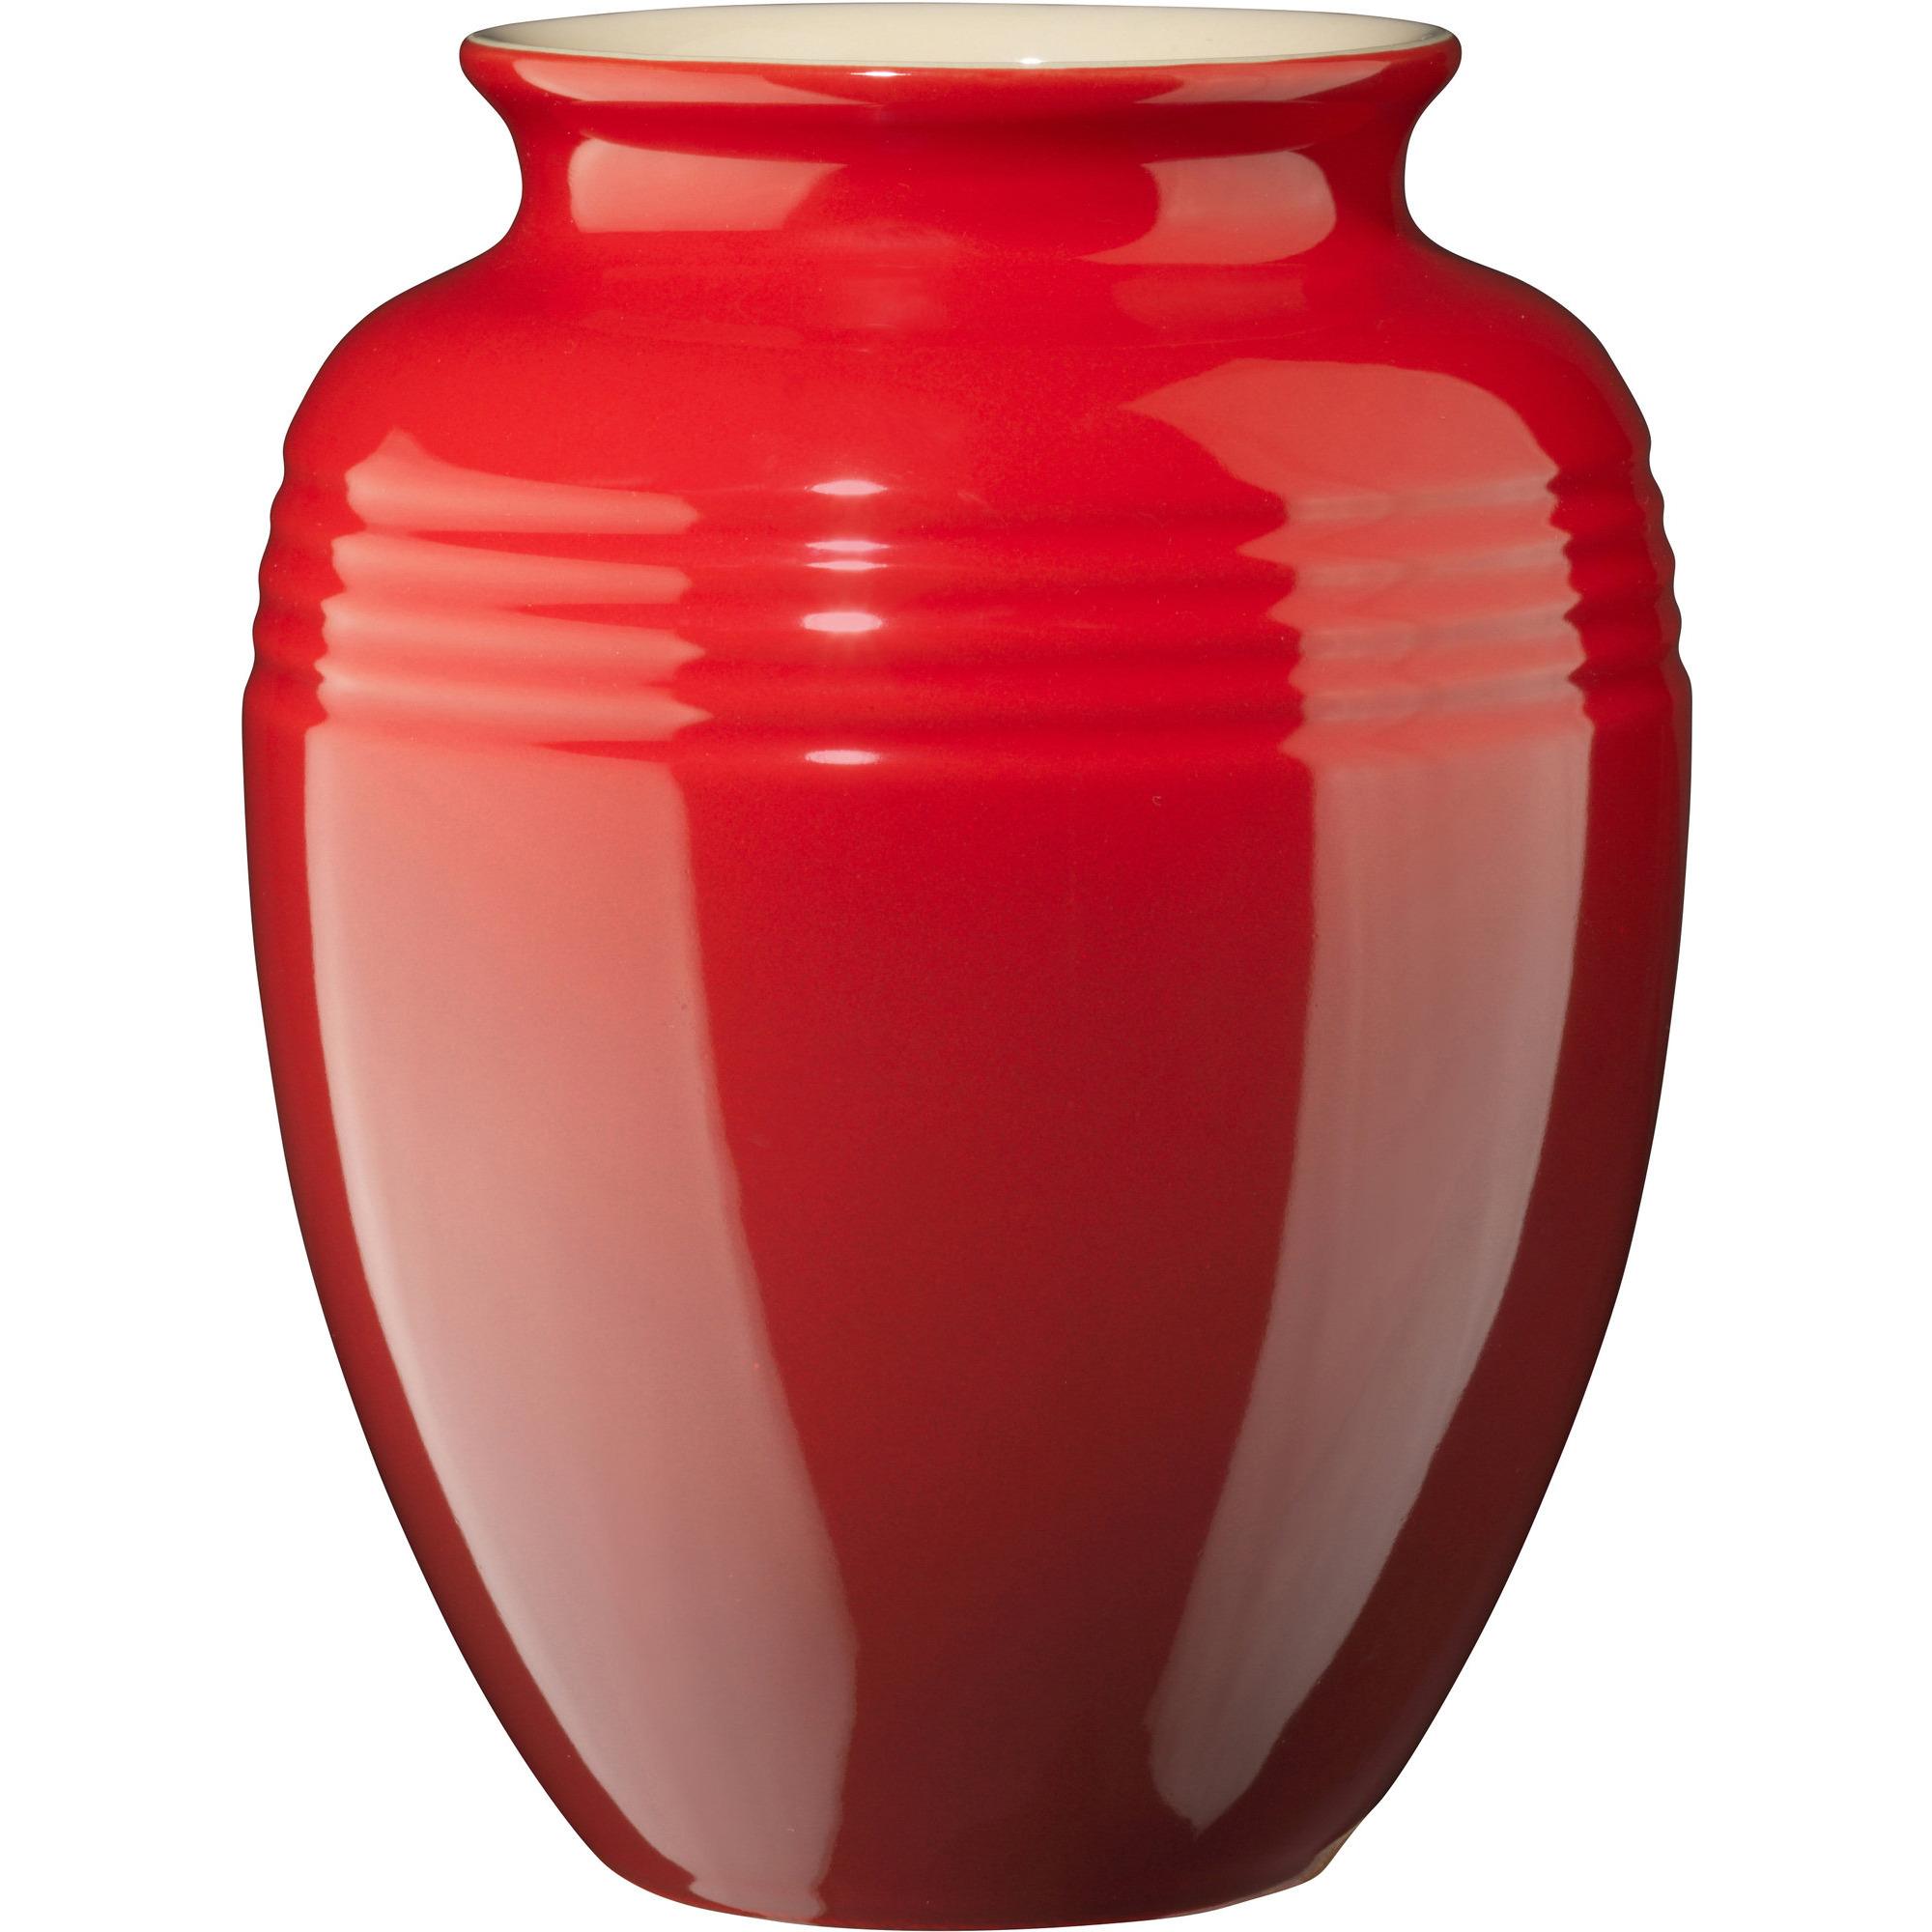 Le Creuset Vas 15 cm Cerise